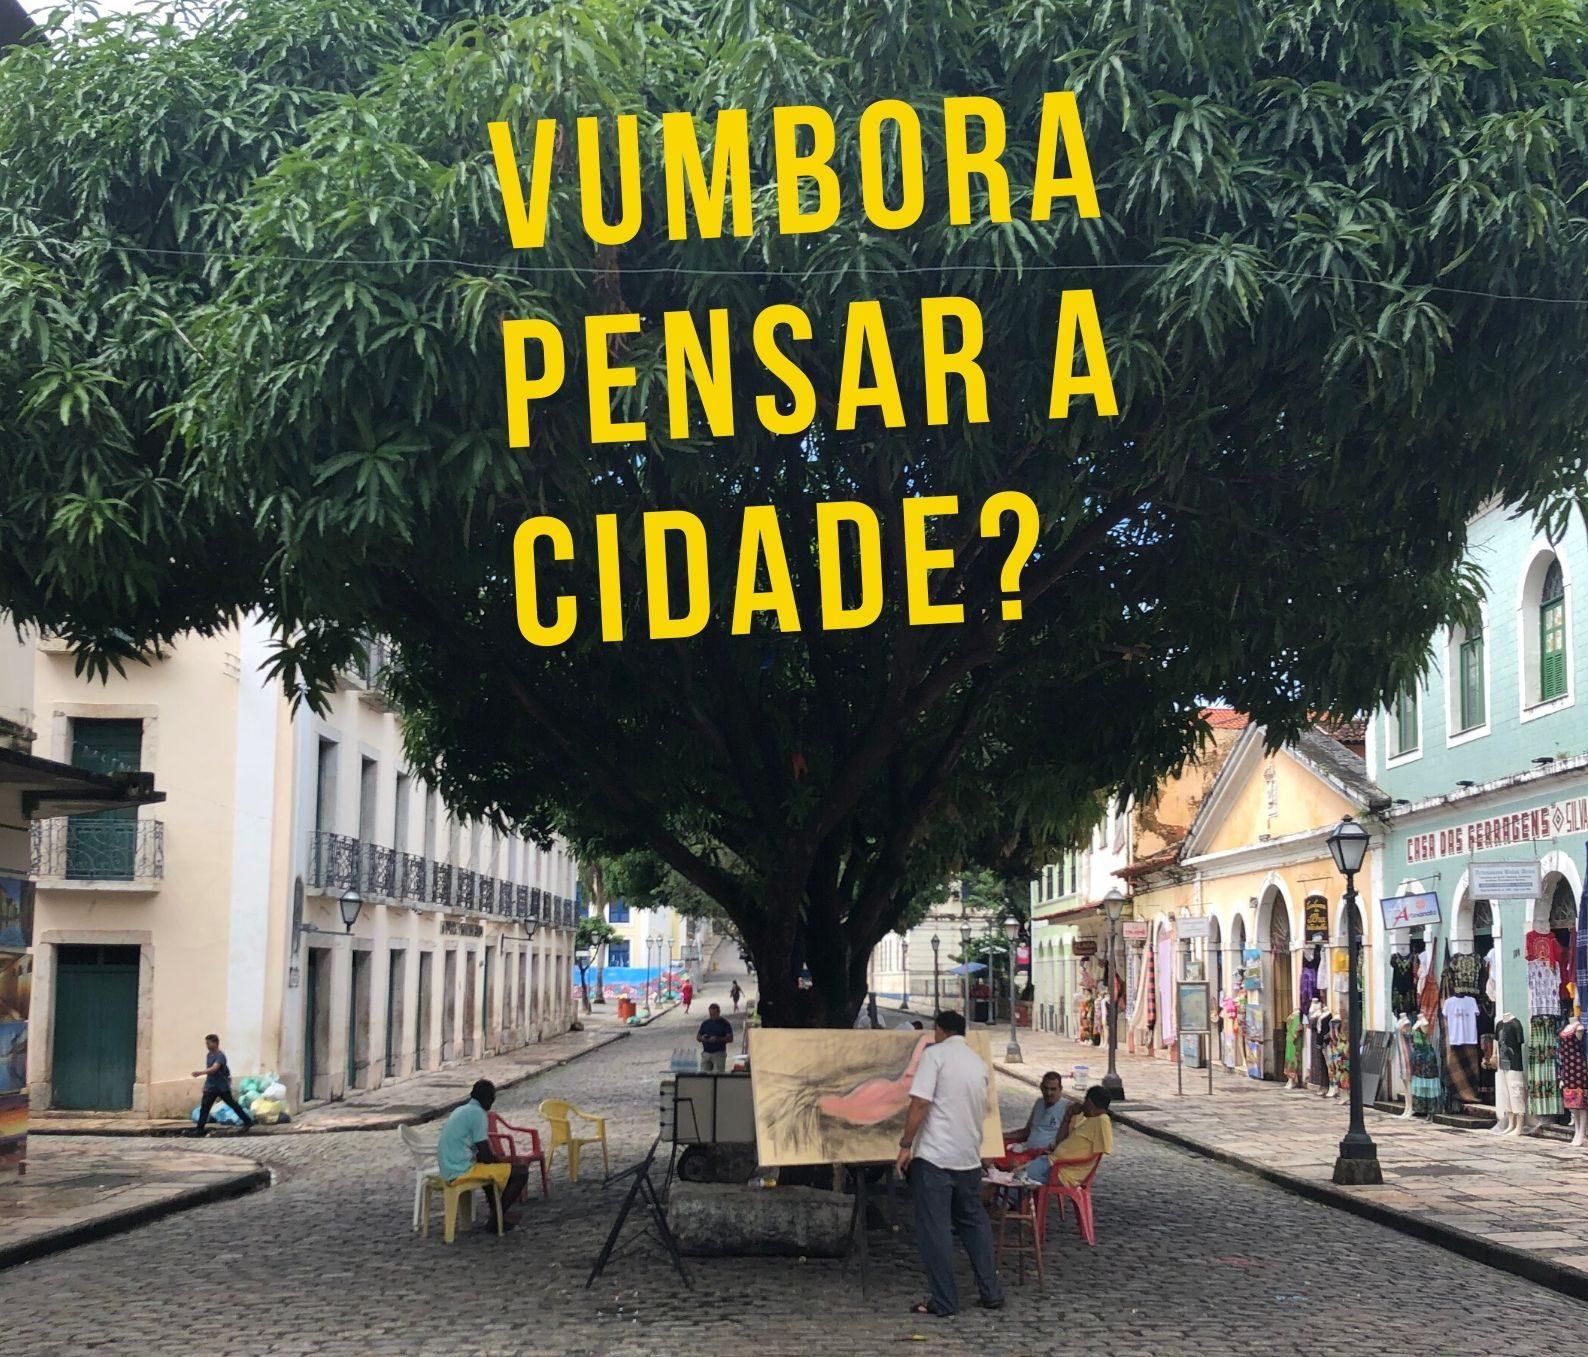 VumBora